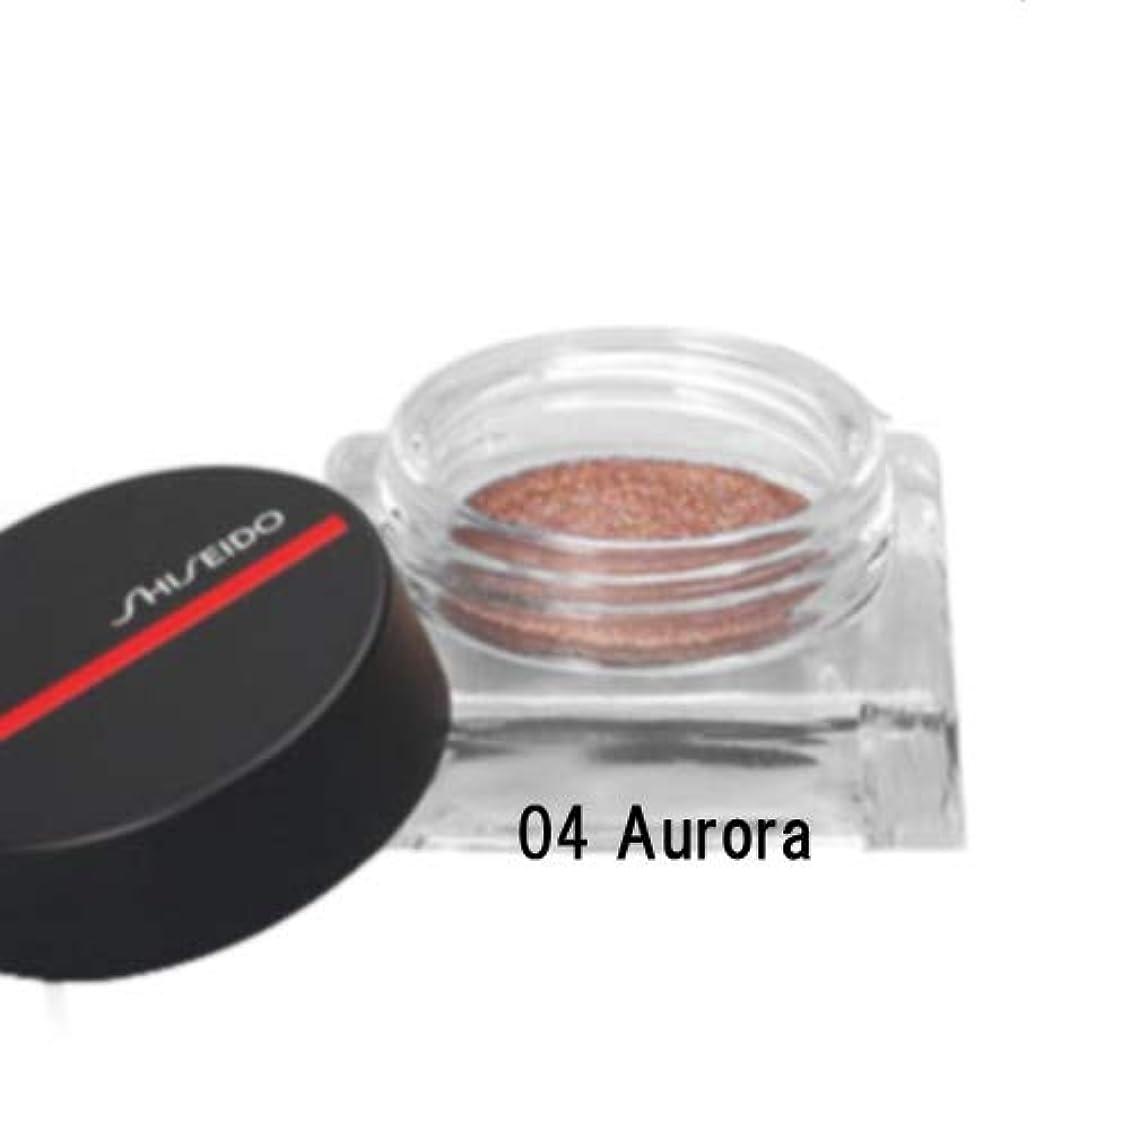 置き場連続的毎月SHISEIDO メーキャップ(シセイドウ メーキャップ) SHISEIDO(資生堂) オーラデュウ プリズム 4.8g #04 Aurora